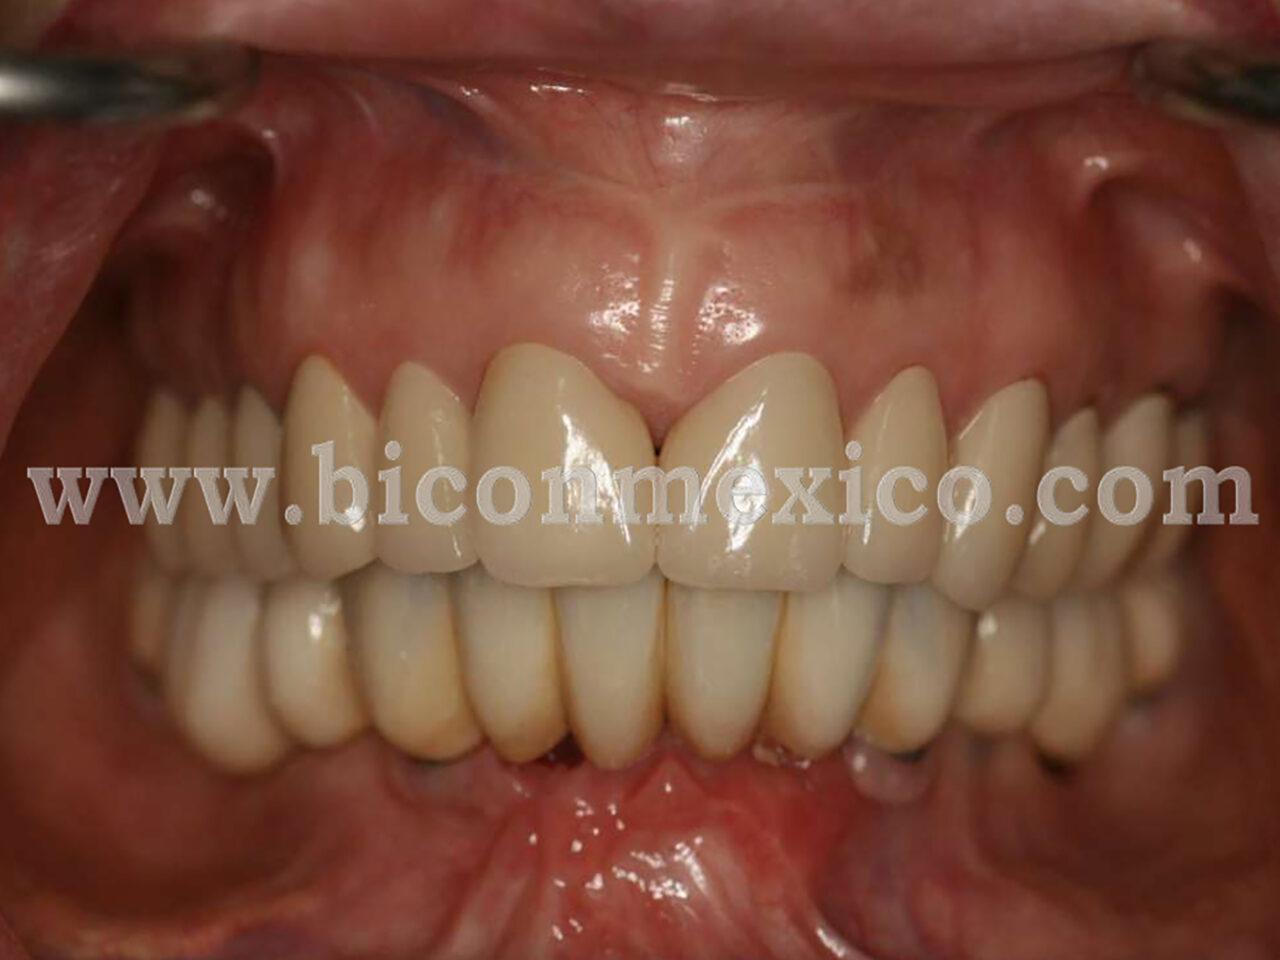 https://biconmexico.com/wp-content/uploads/2020/01/CASO-CLINICO-1280x960.jpg